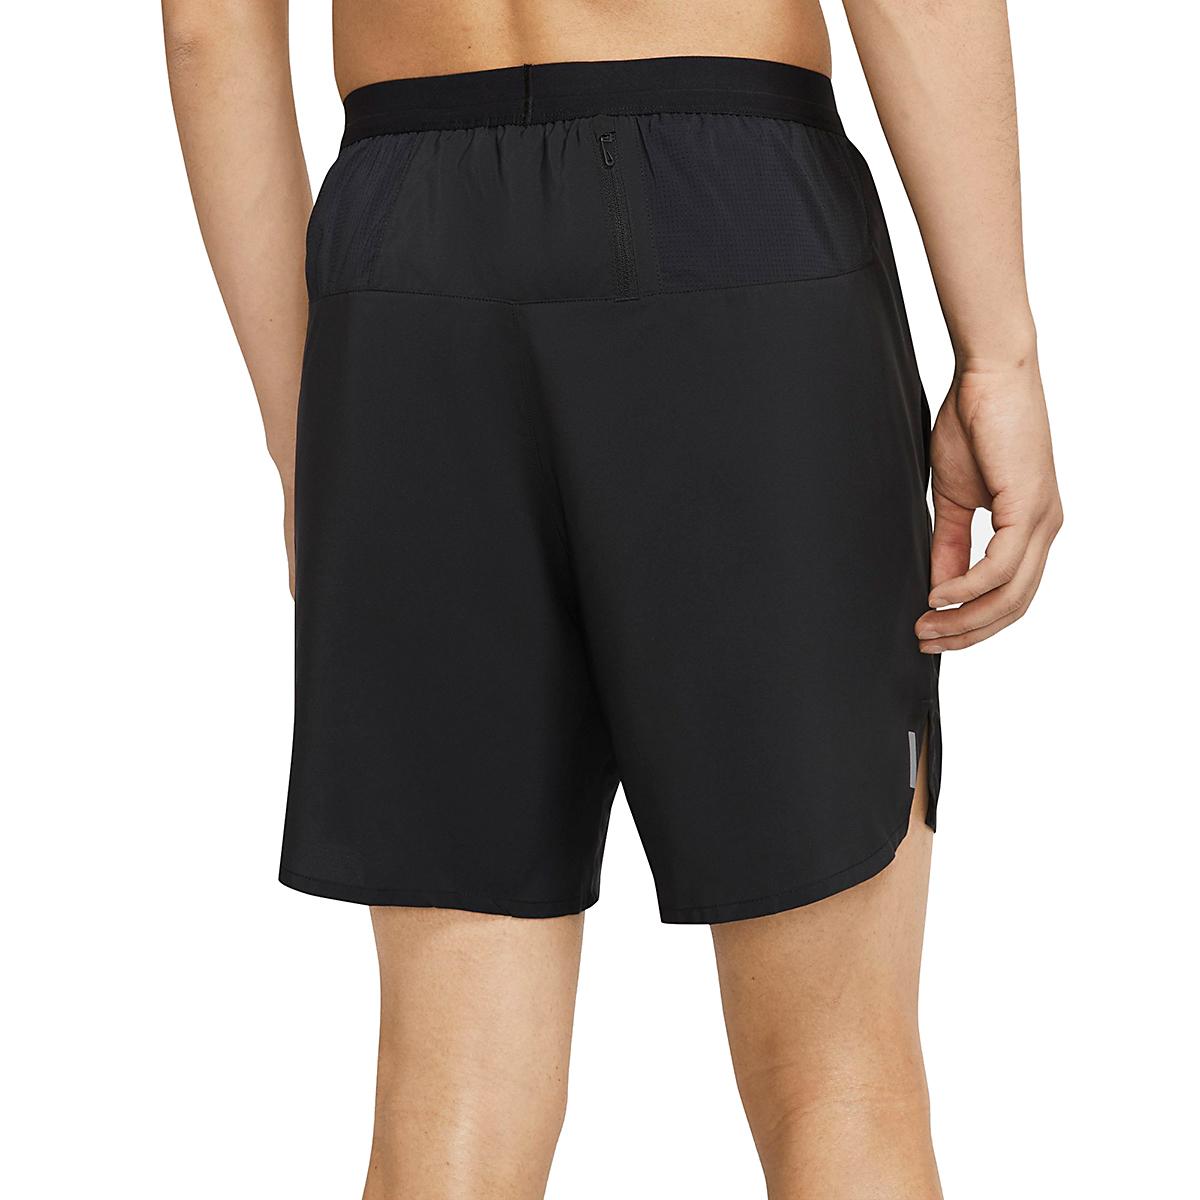 """Men's Nike Flex Stride 7"""" Brief Running Shorts - Color: Black - Size: S, Black, large, image 3"""